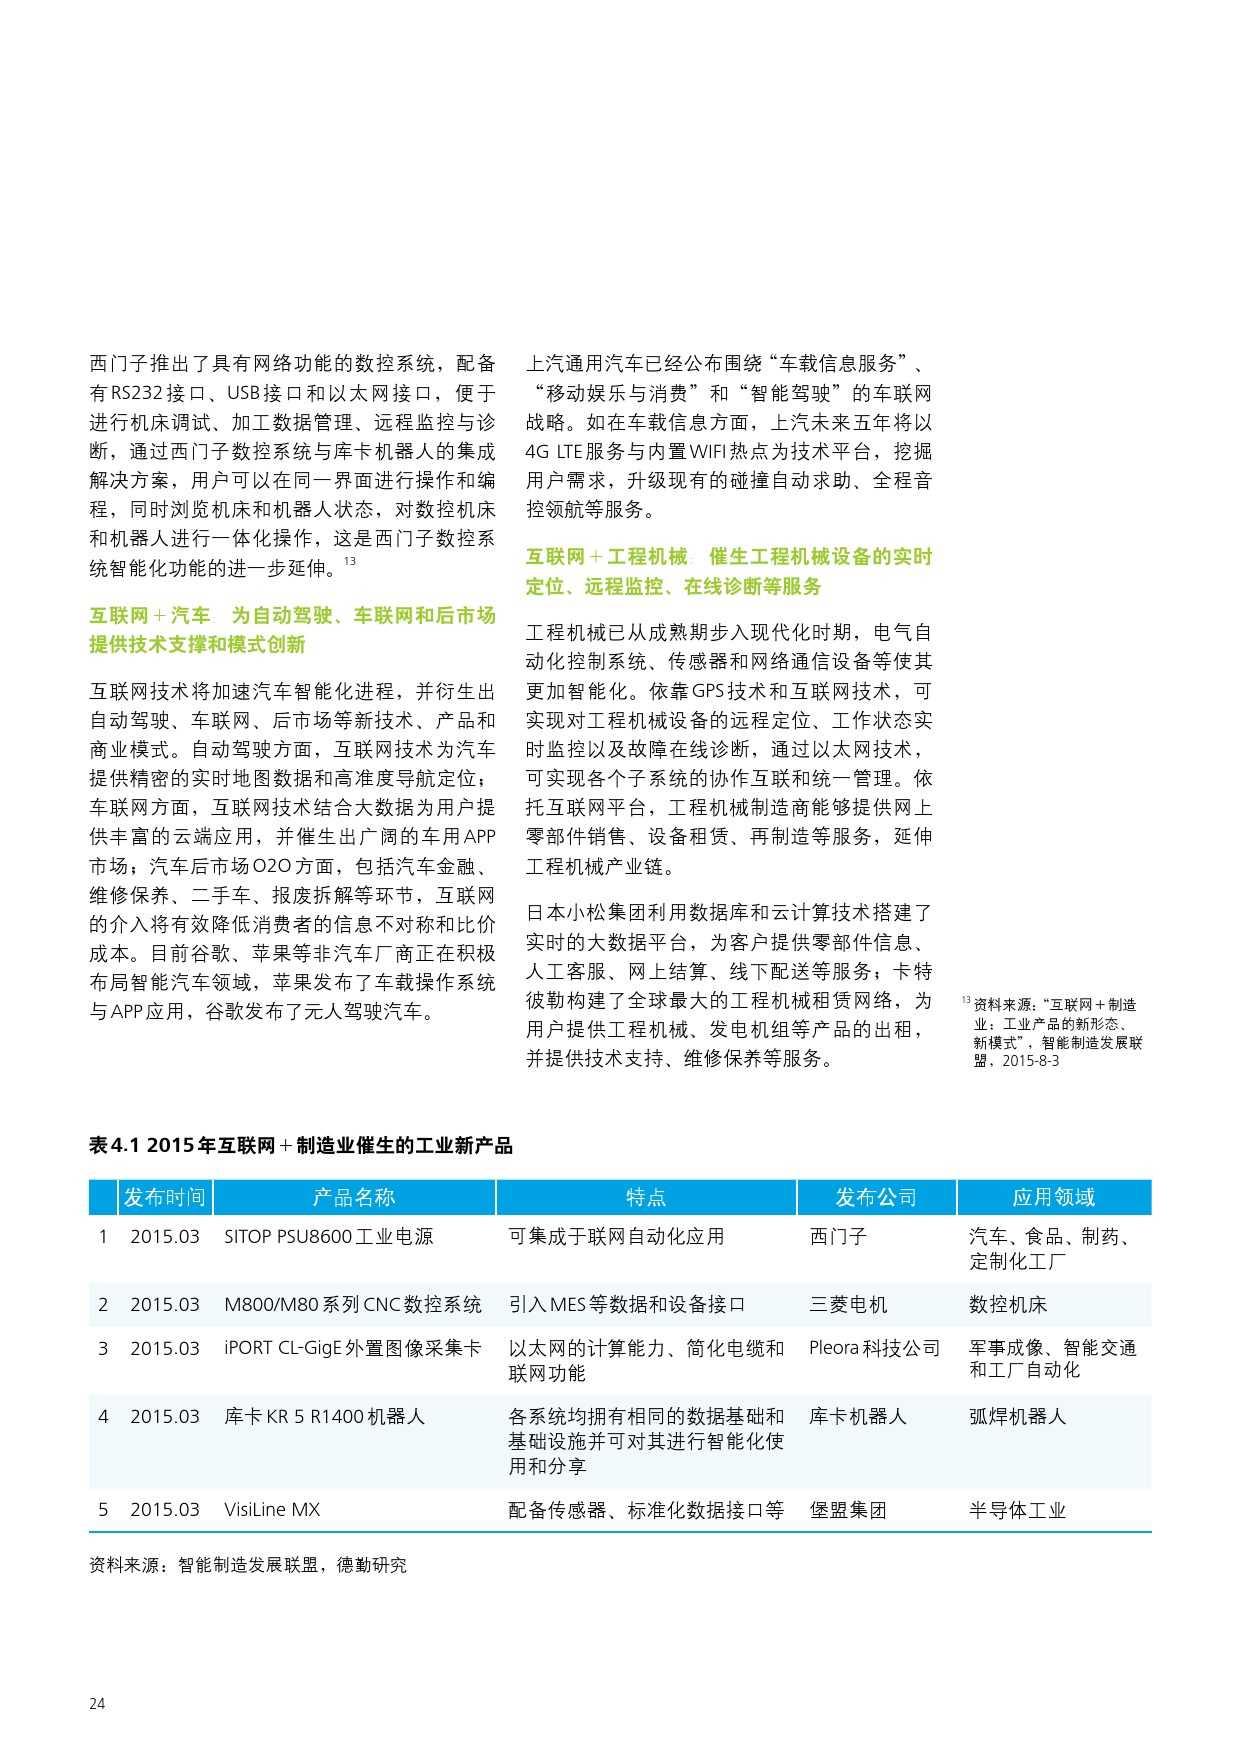 2015年中国制造业企业信息化调查_000026